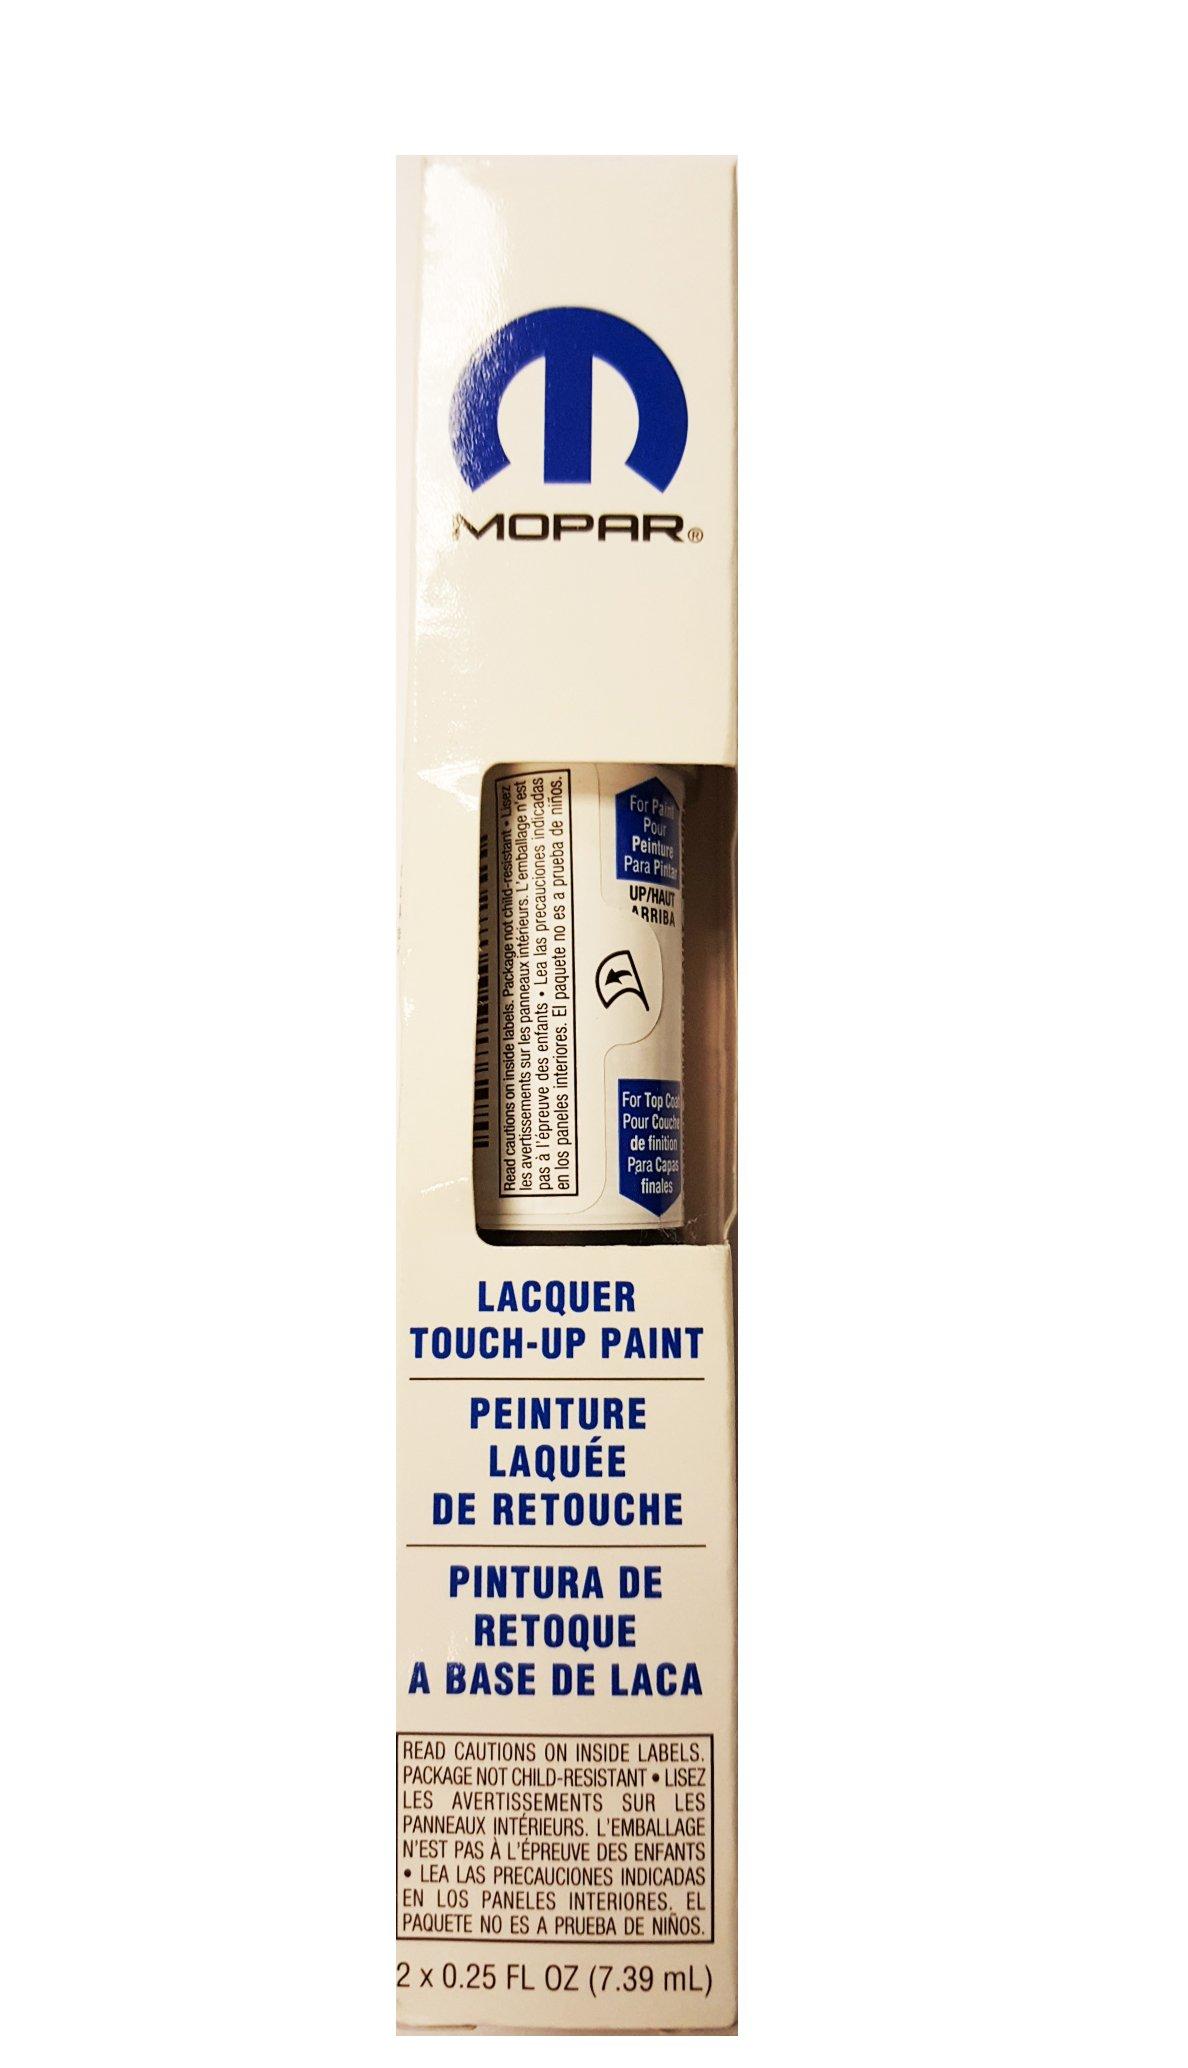 Mopar Touch-Up Paint PRH 4889836AC